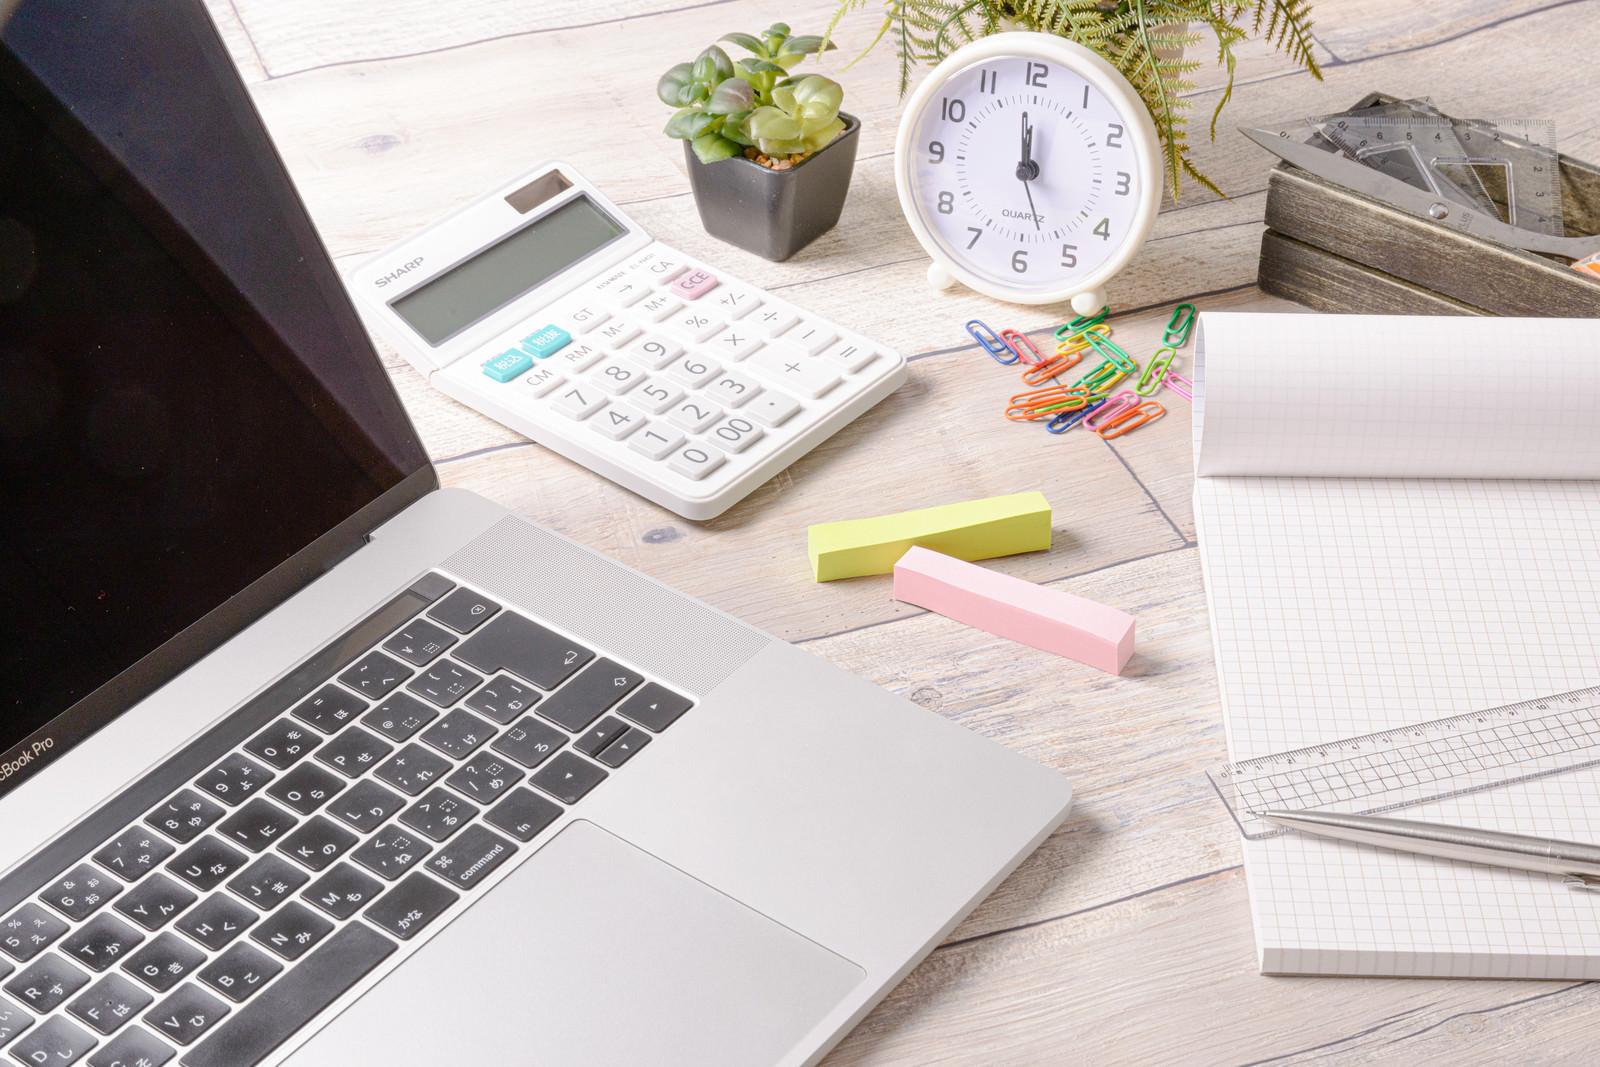 「デスクに置かれた文具とノートパソコン」の写真